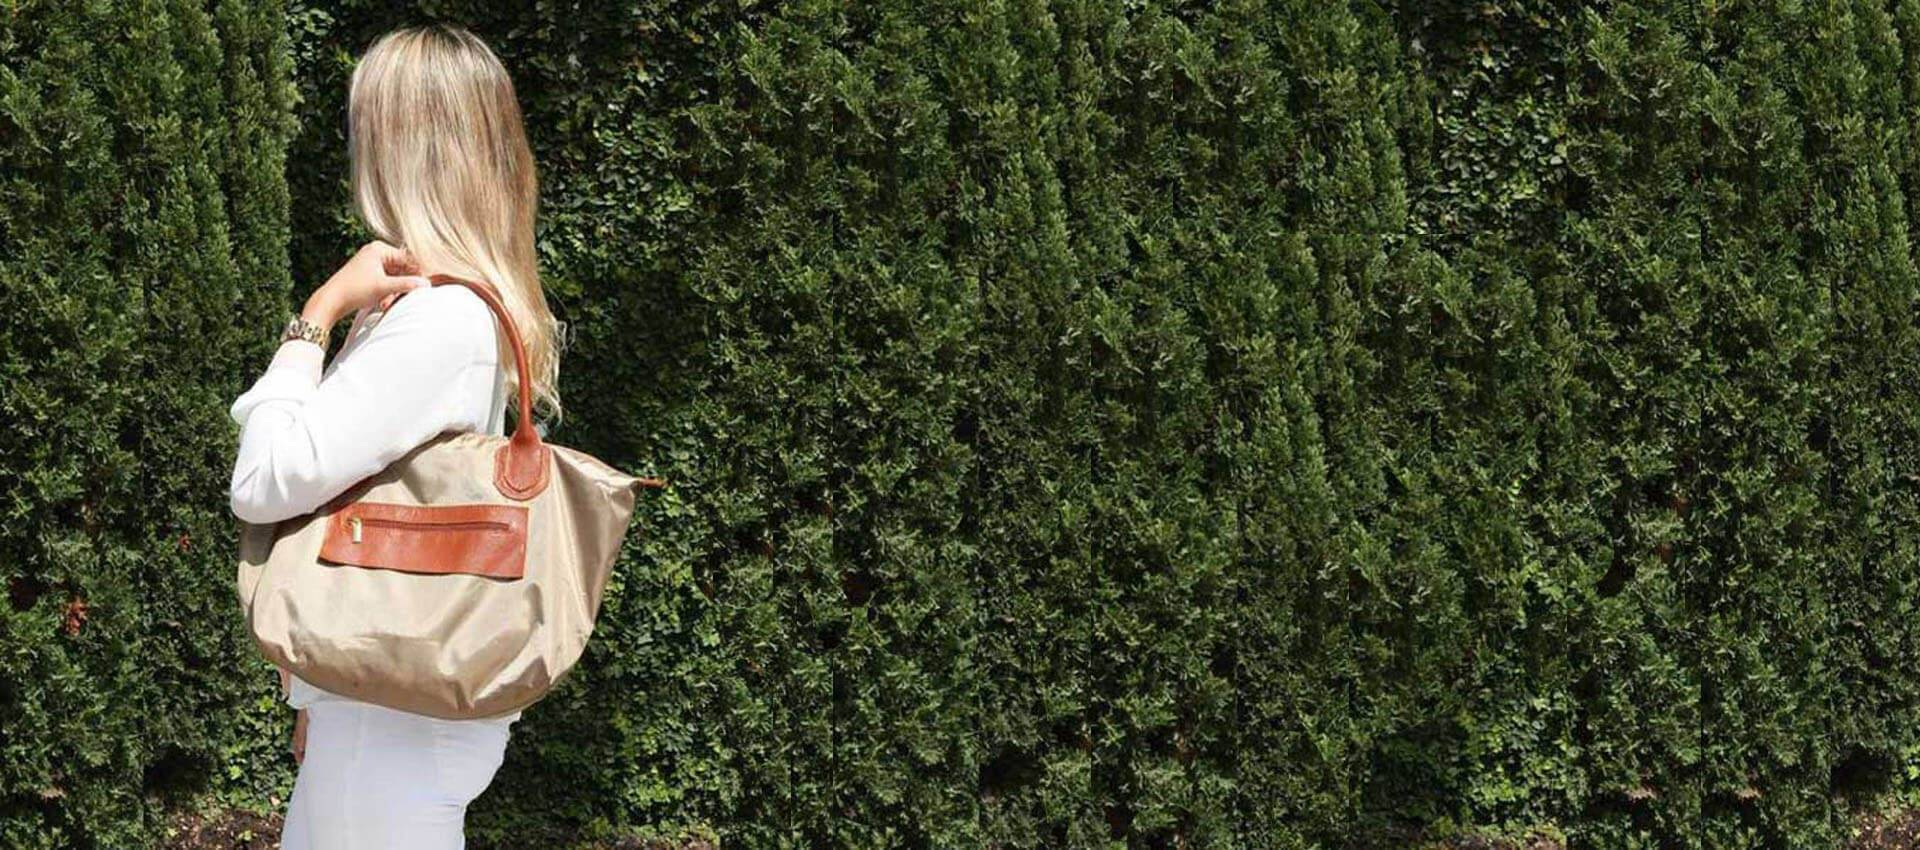 Handbag_leather_fashion_lima_peru-handbags_leather_beige_noa-handbags-leather-lima-peru